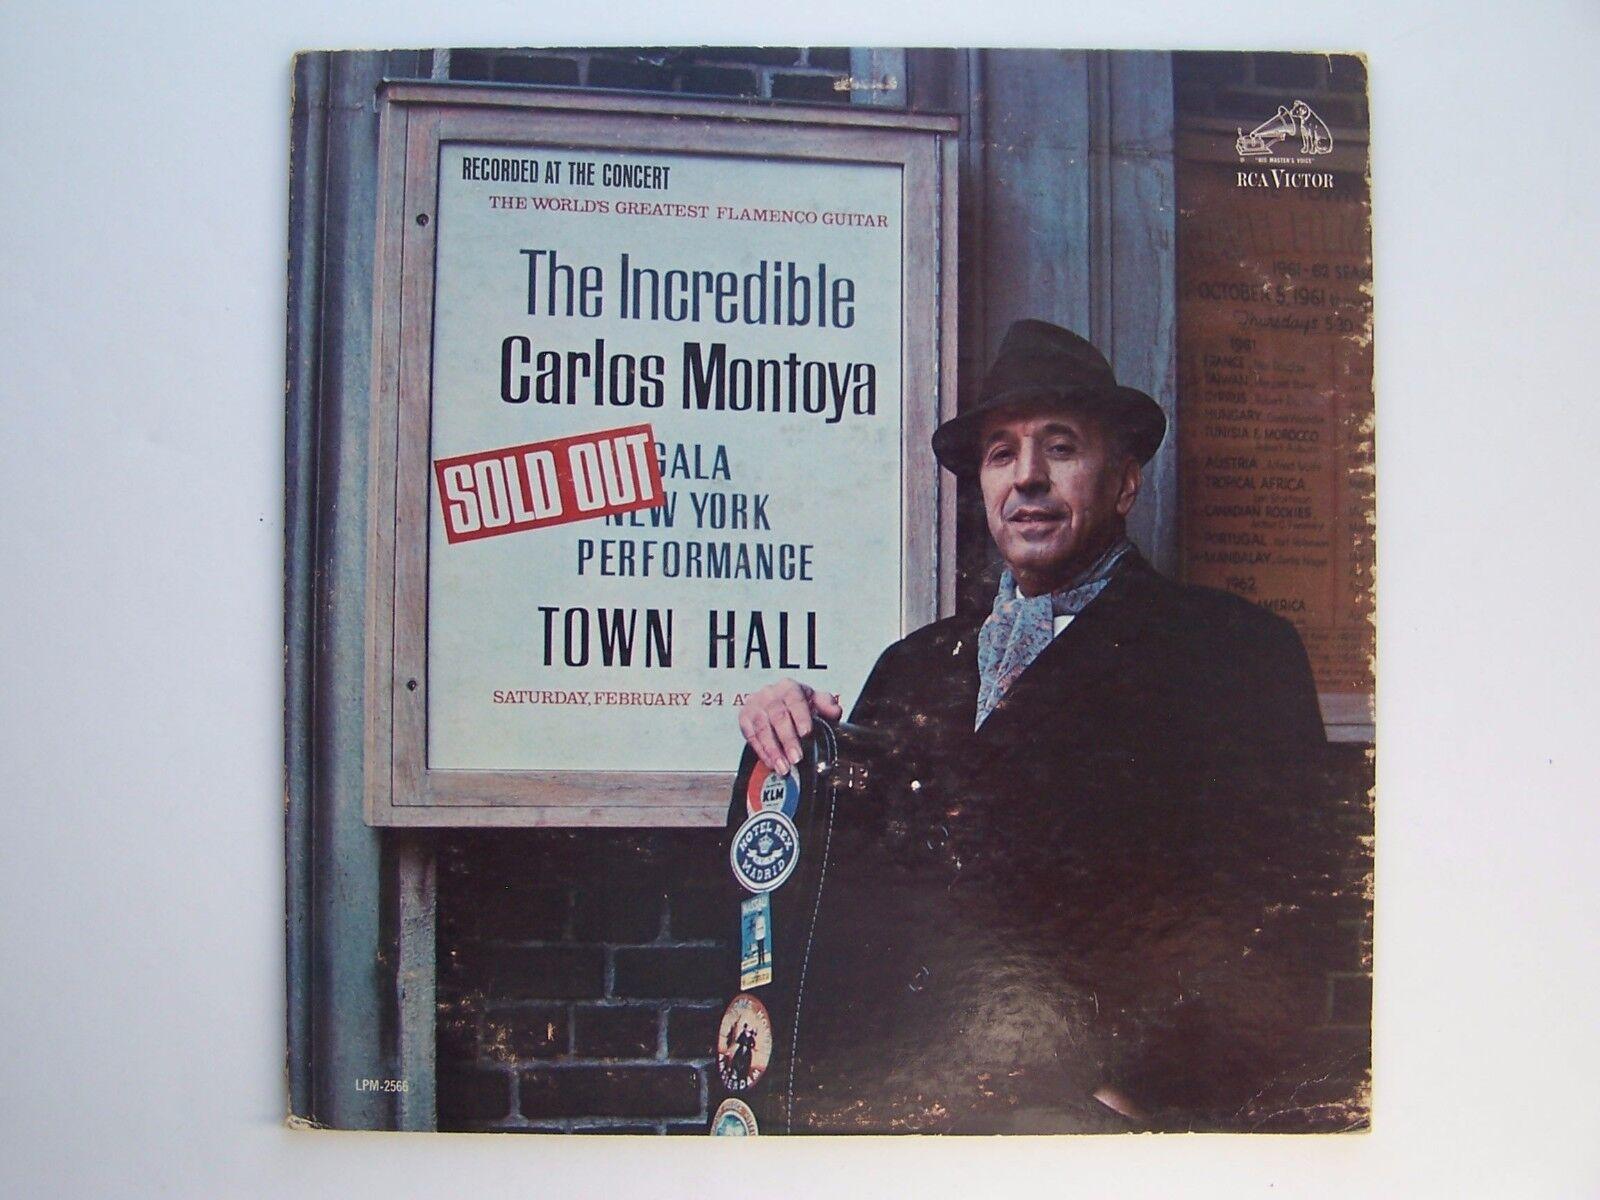 Carlos Montoya - The Incredible Carlos Montoya Vinyl LP